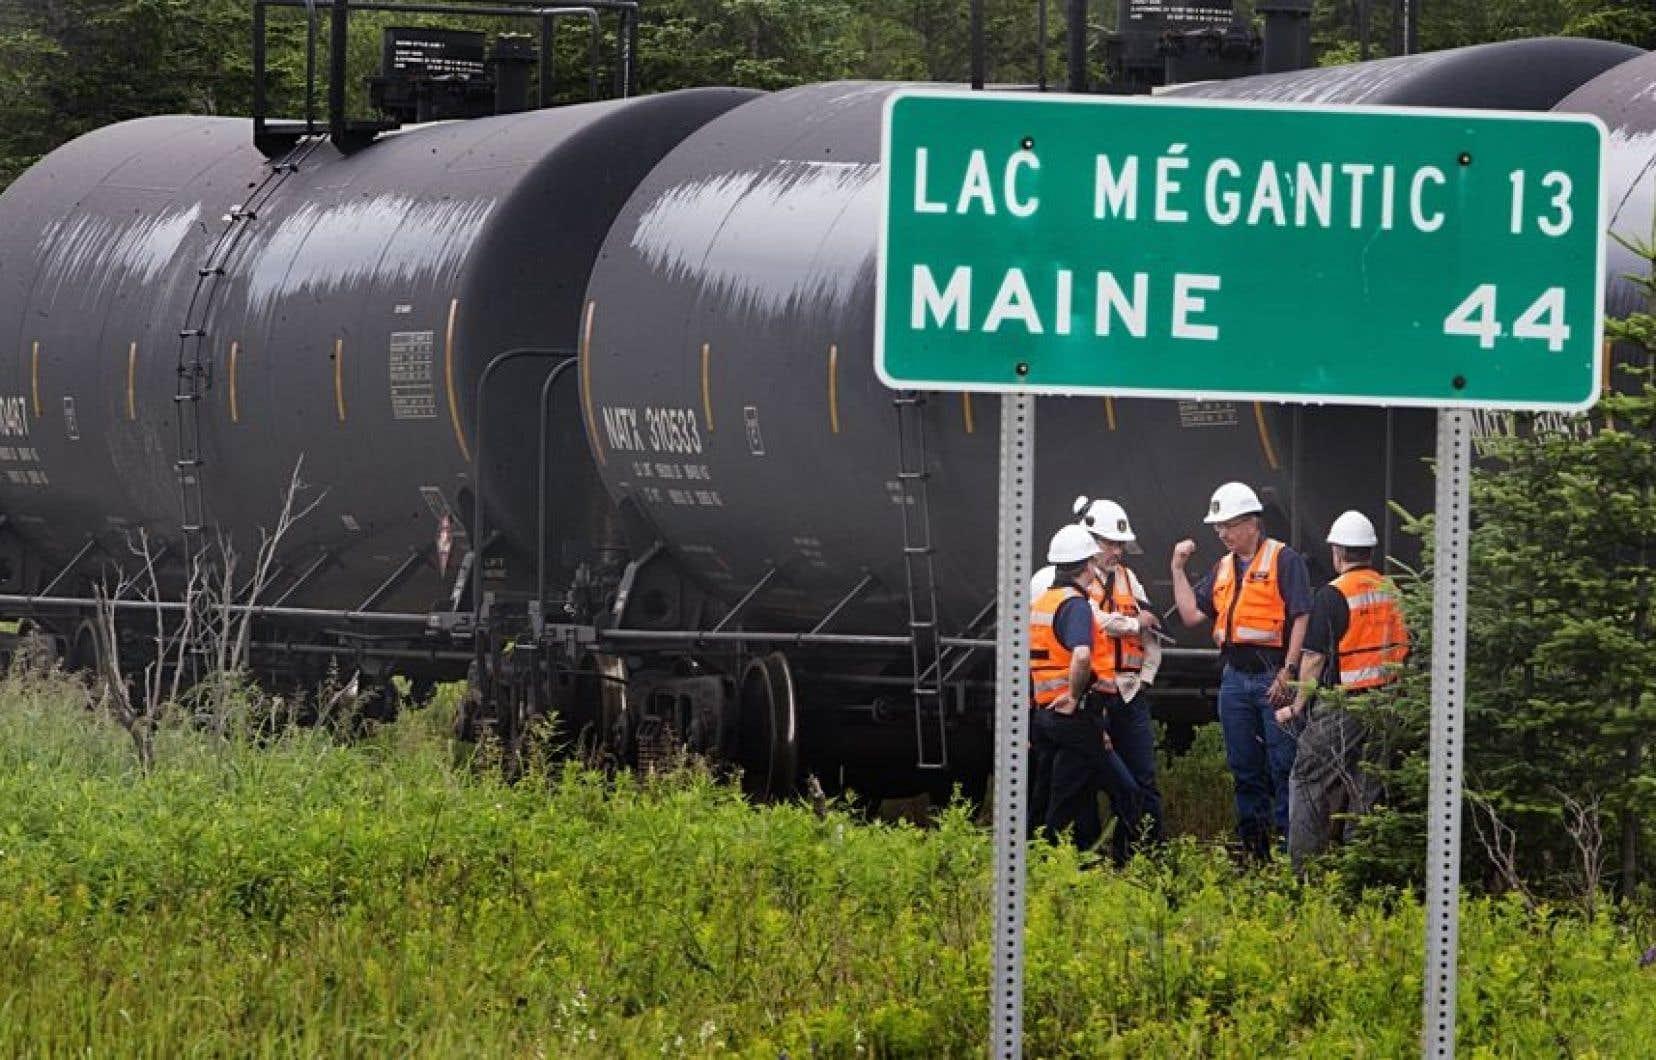 Le train qui a déraillé à Lac-Mégantic il y a un mois appartenait à la société Montreal, Maine and Atlantic.